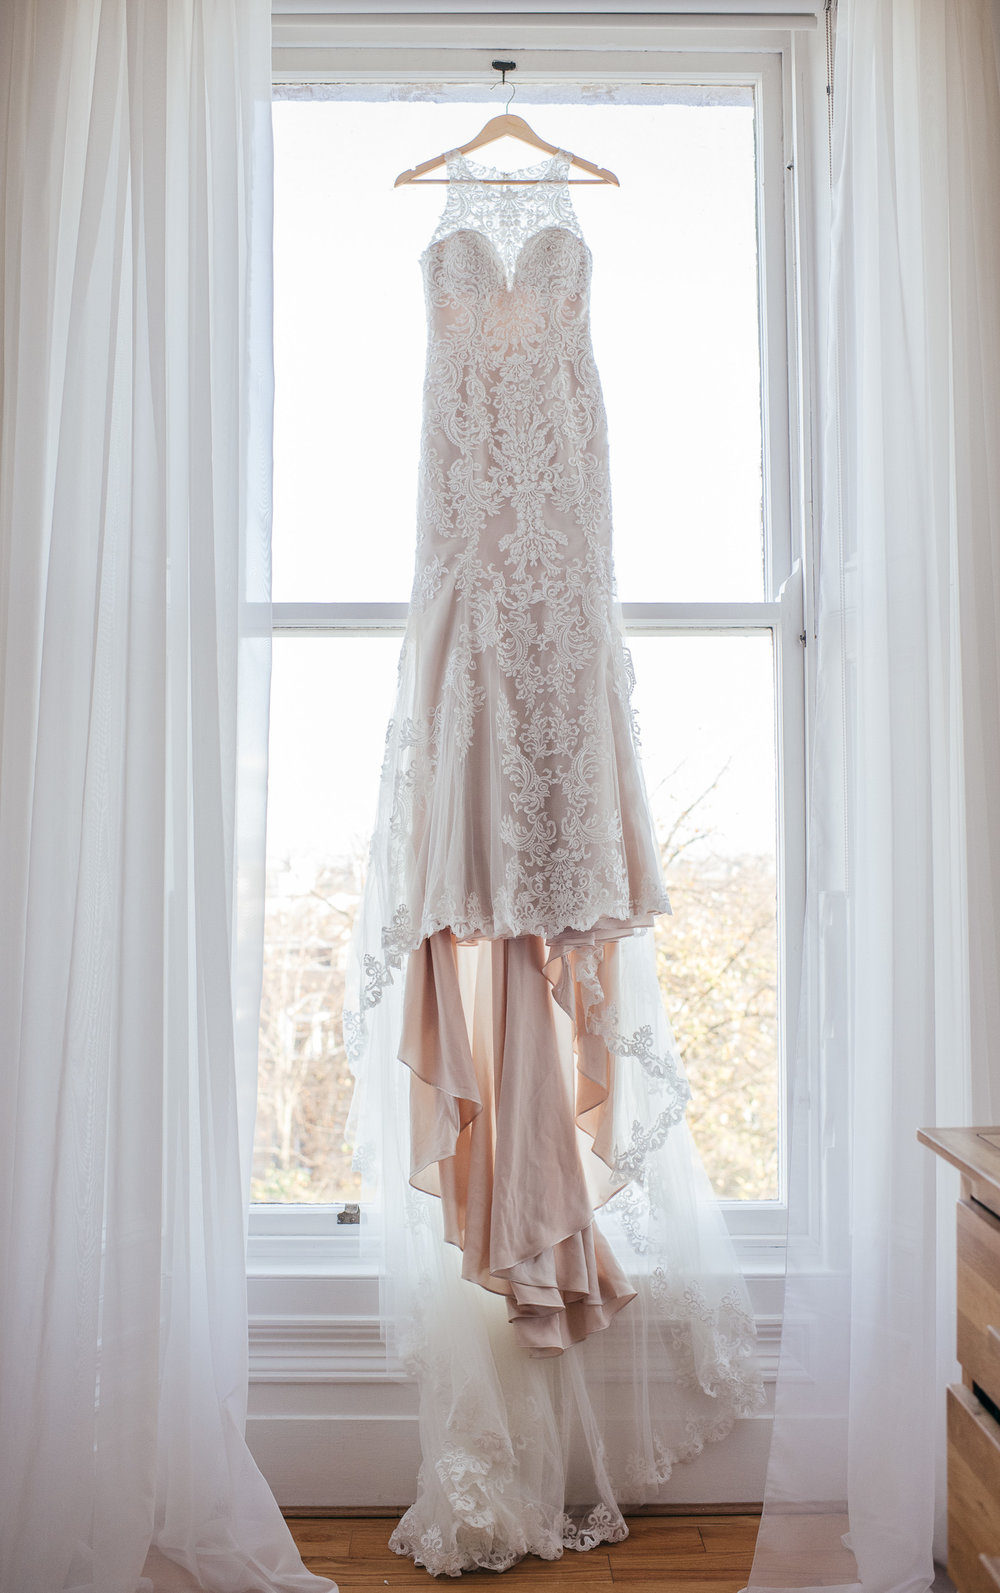 Glasgow Wedding Dress